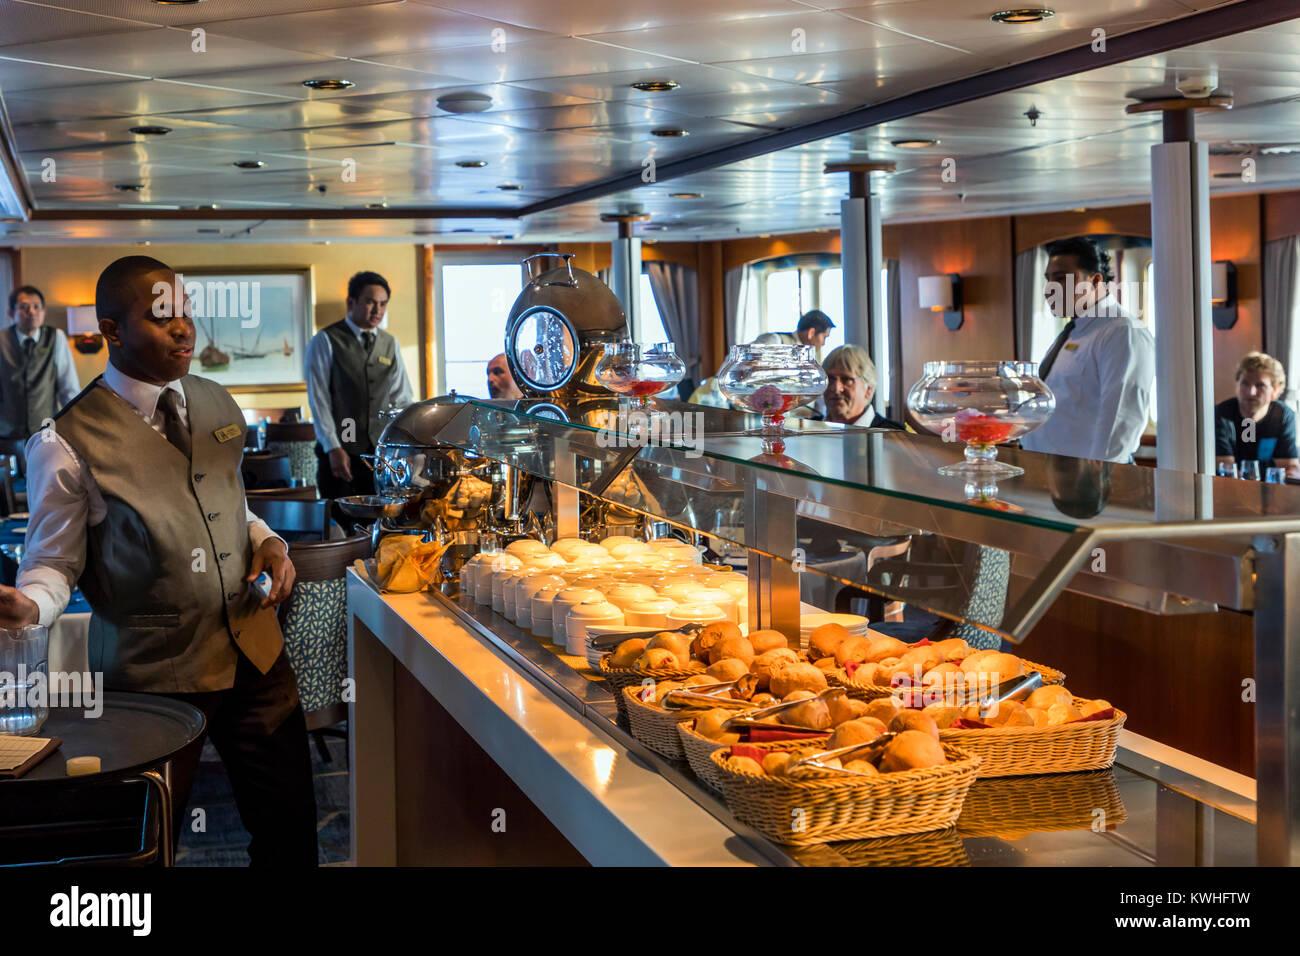 Cruise Ship Interior Stock Photos Amp Cruise Ship Interior Stock Images Alamy